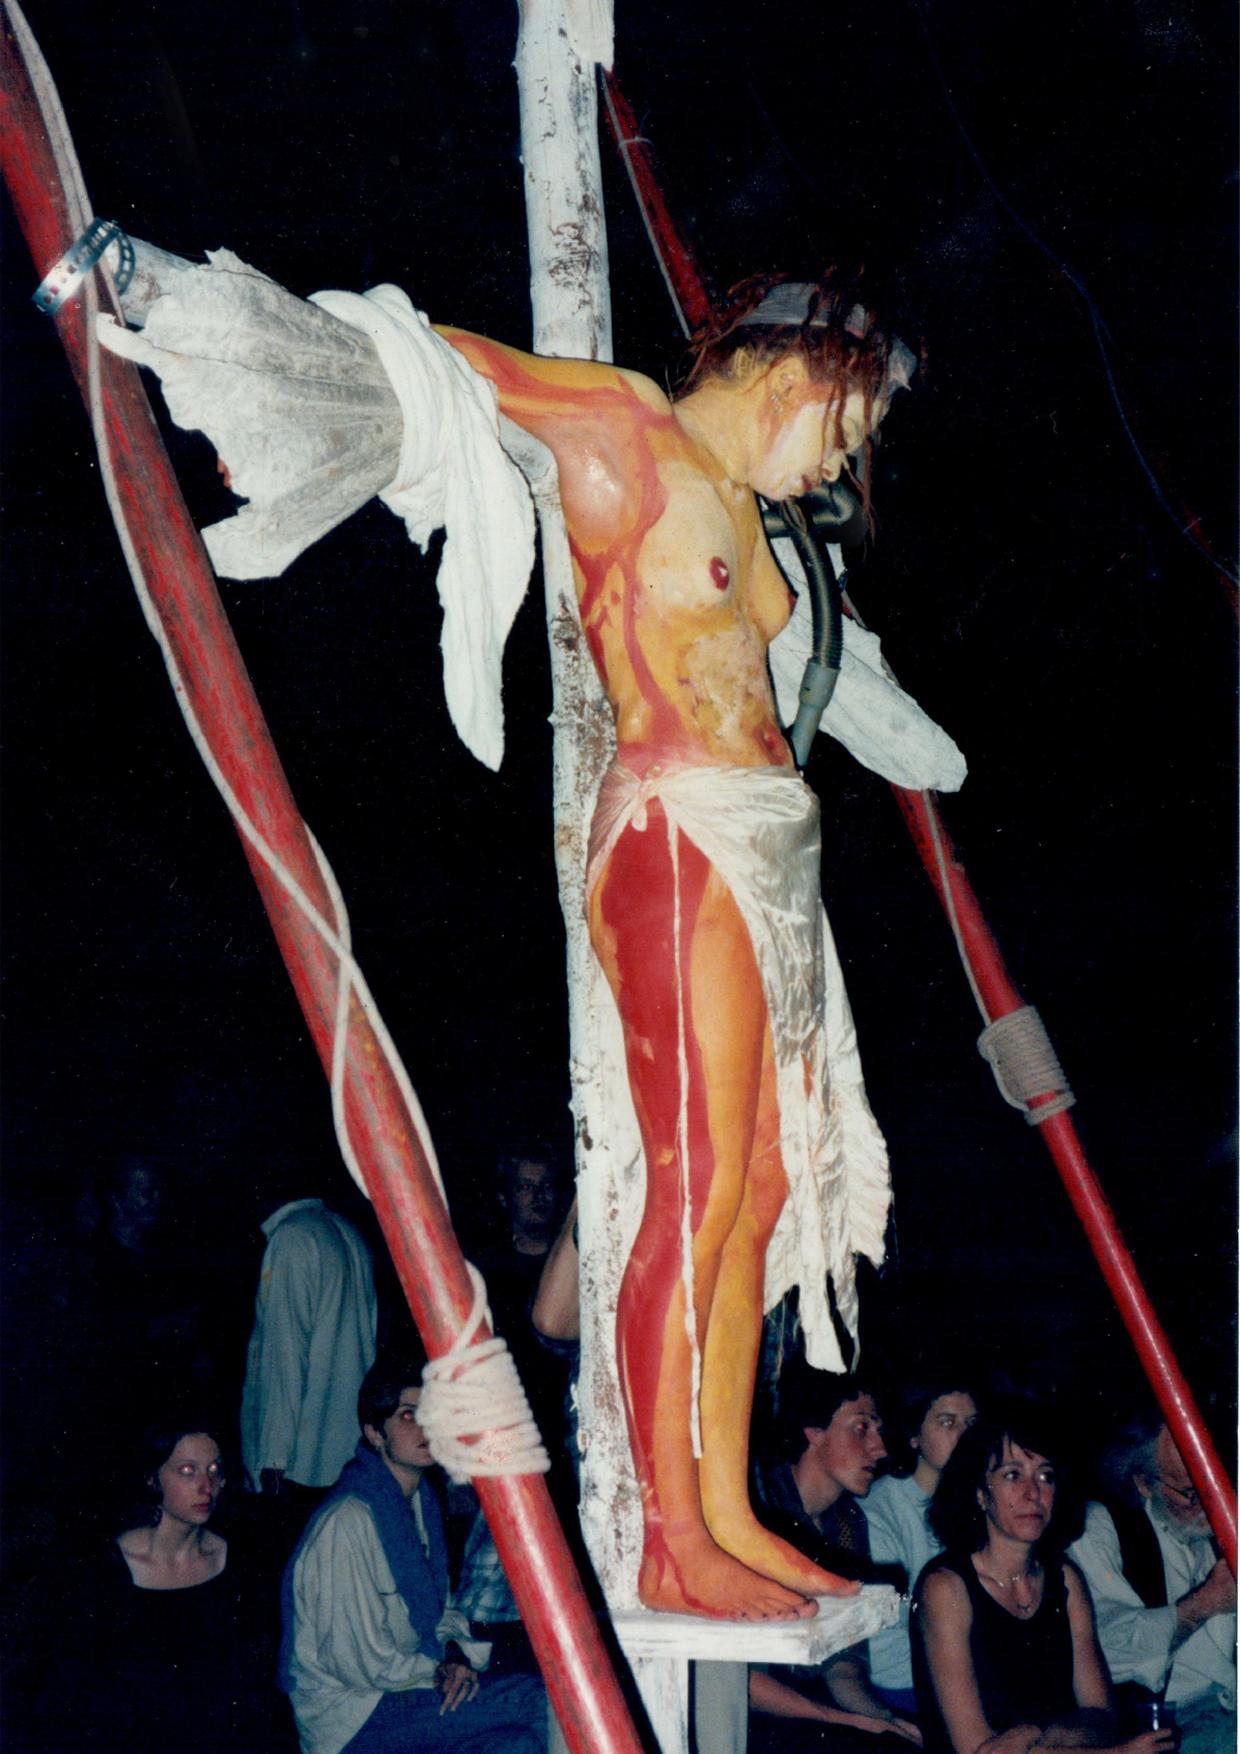 'Aufs Kreuz'-'Crucifixion'